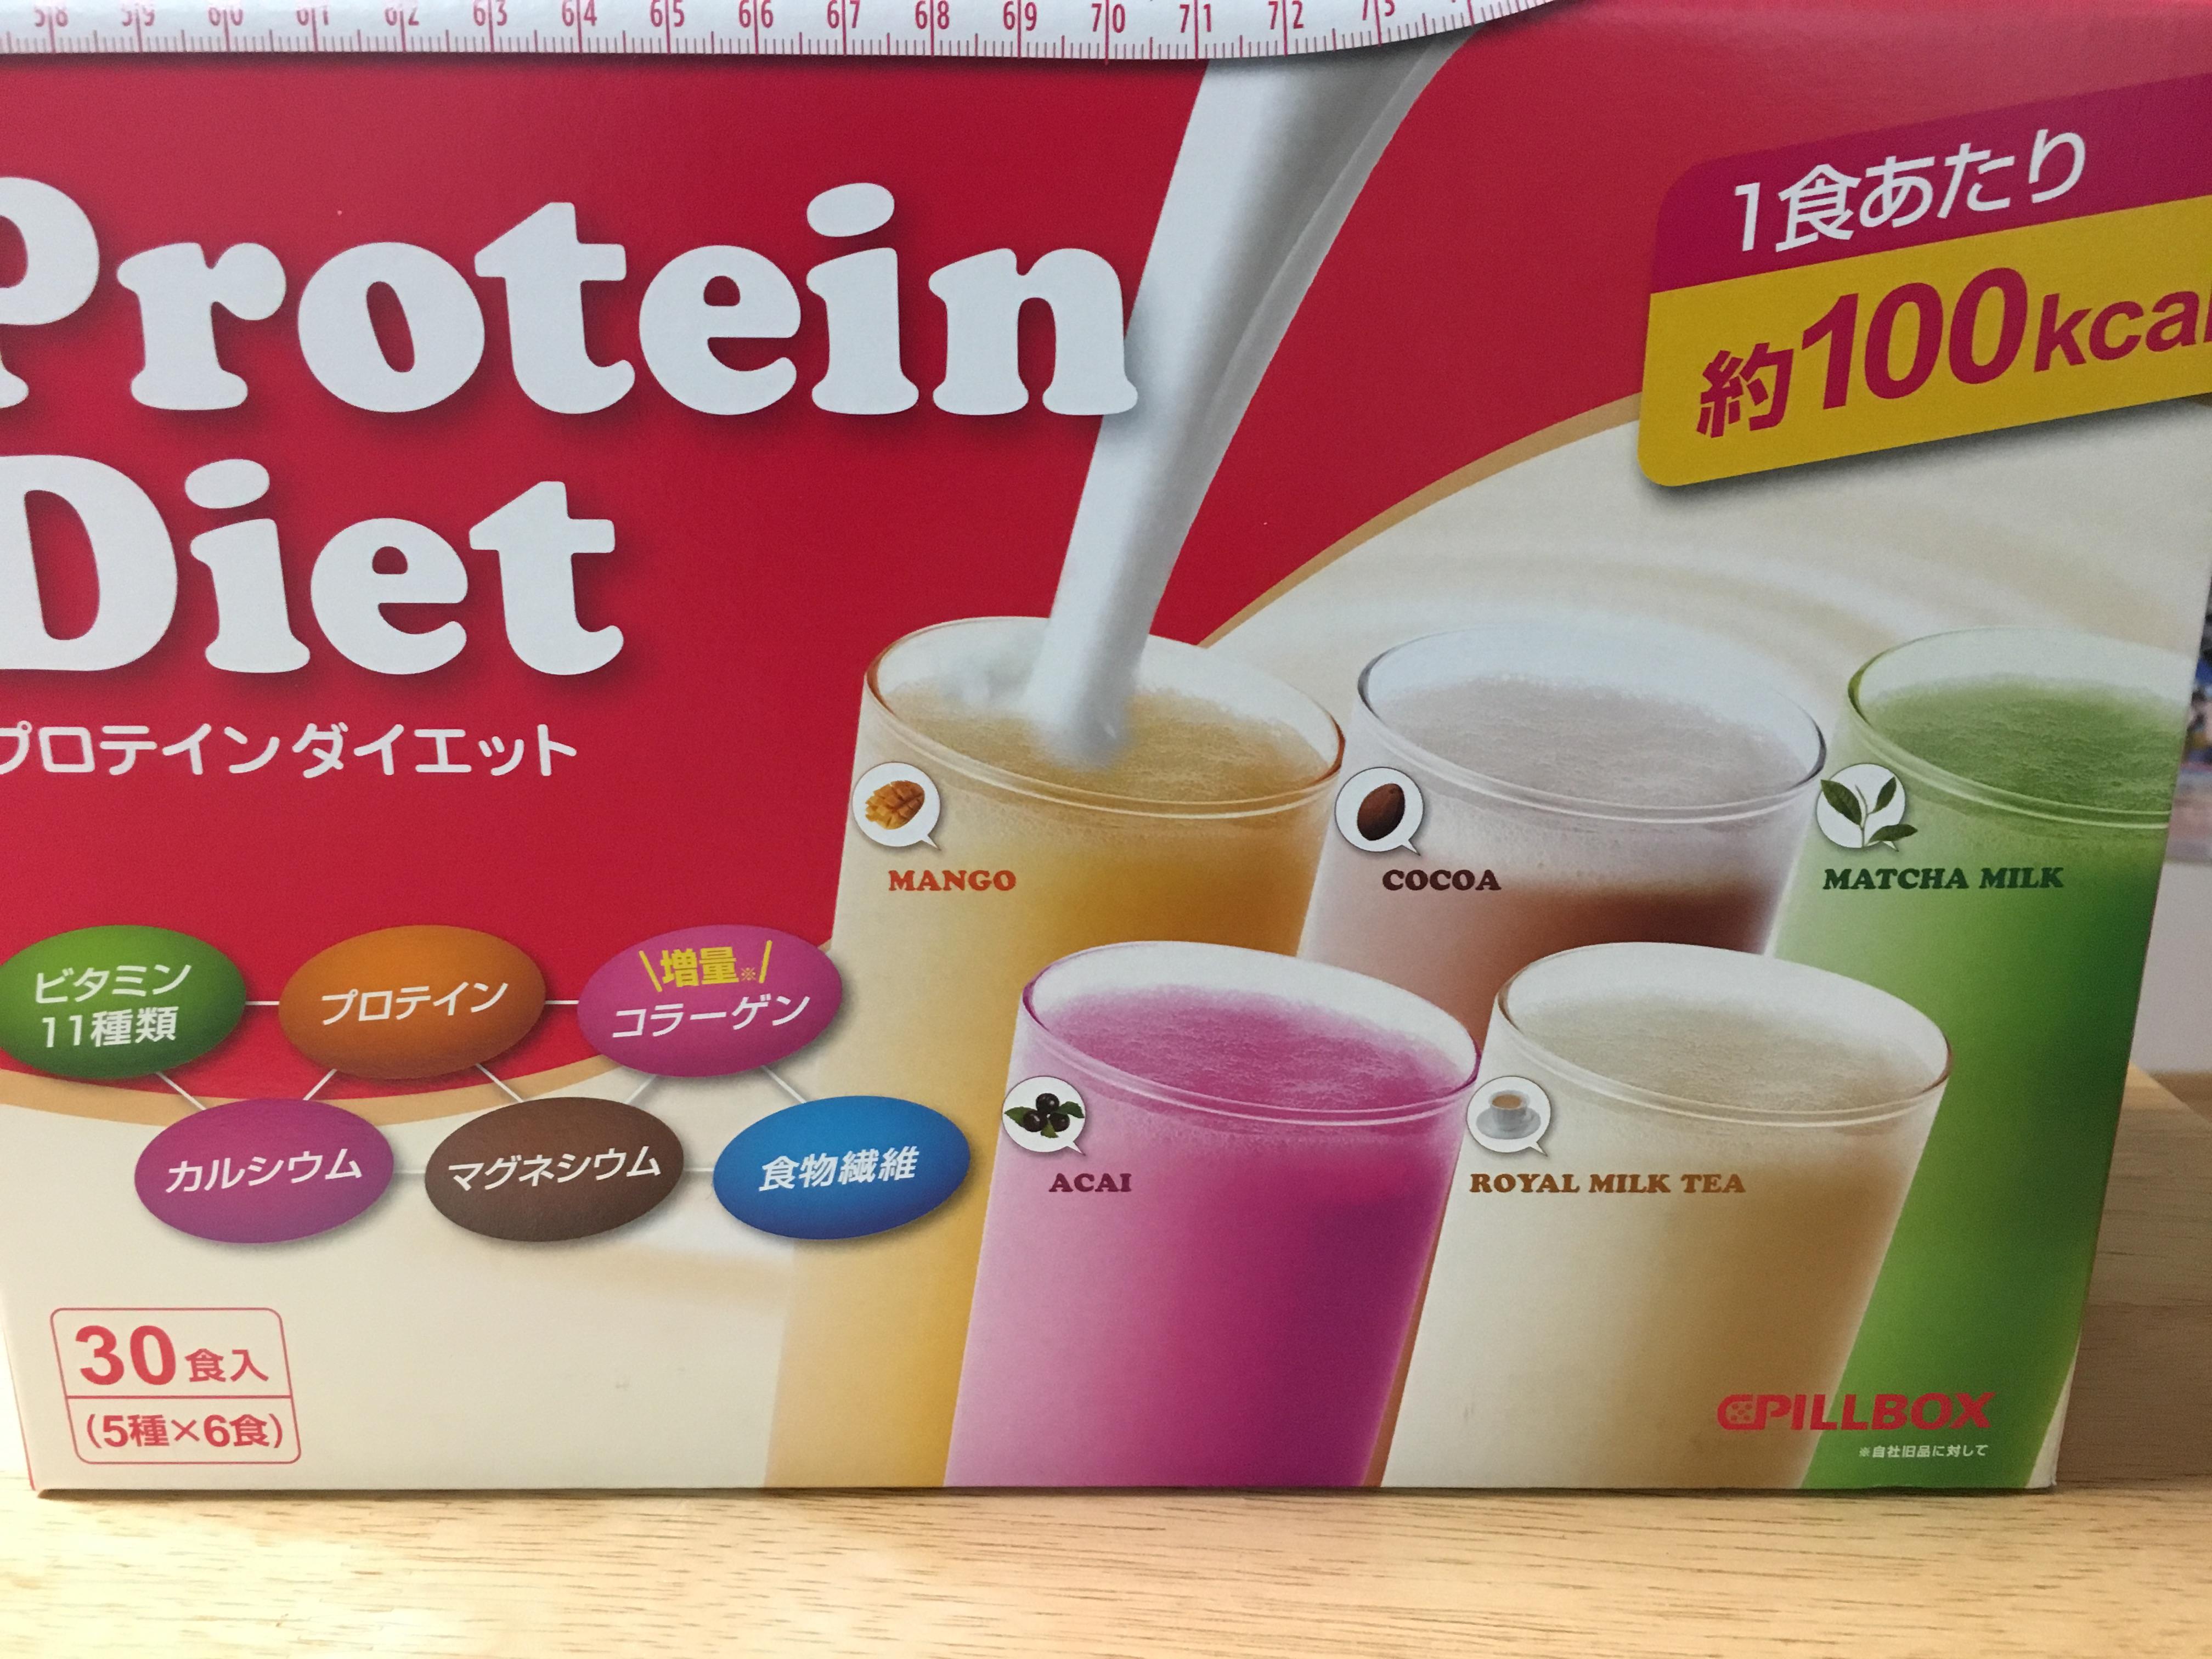 藤田ニコルもオススメのプロテインダイエットで置き換えに挑戦!効果は?